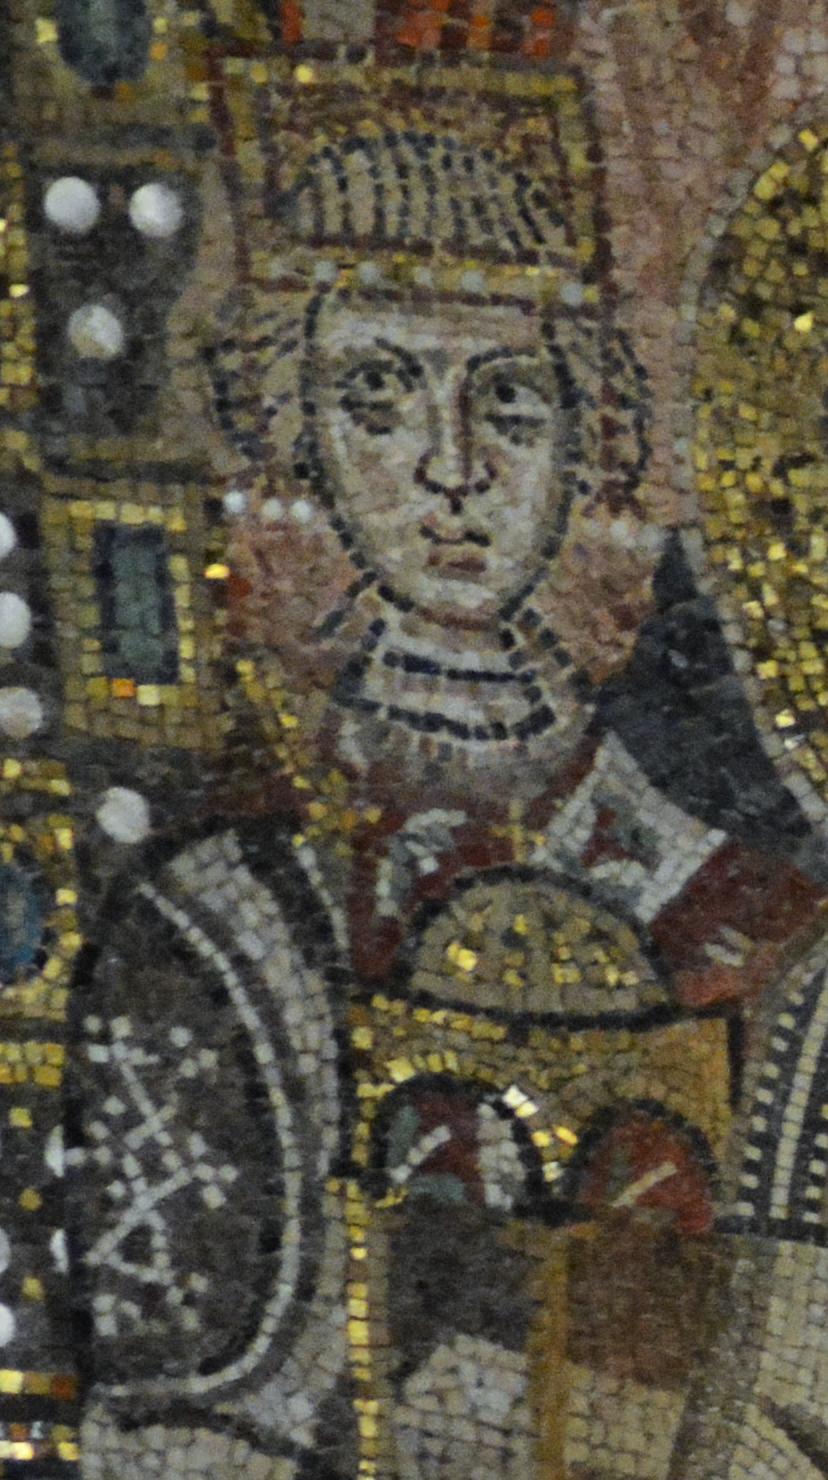 Justinian_ii_(2)